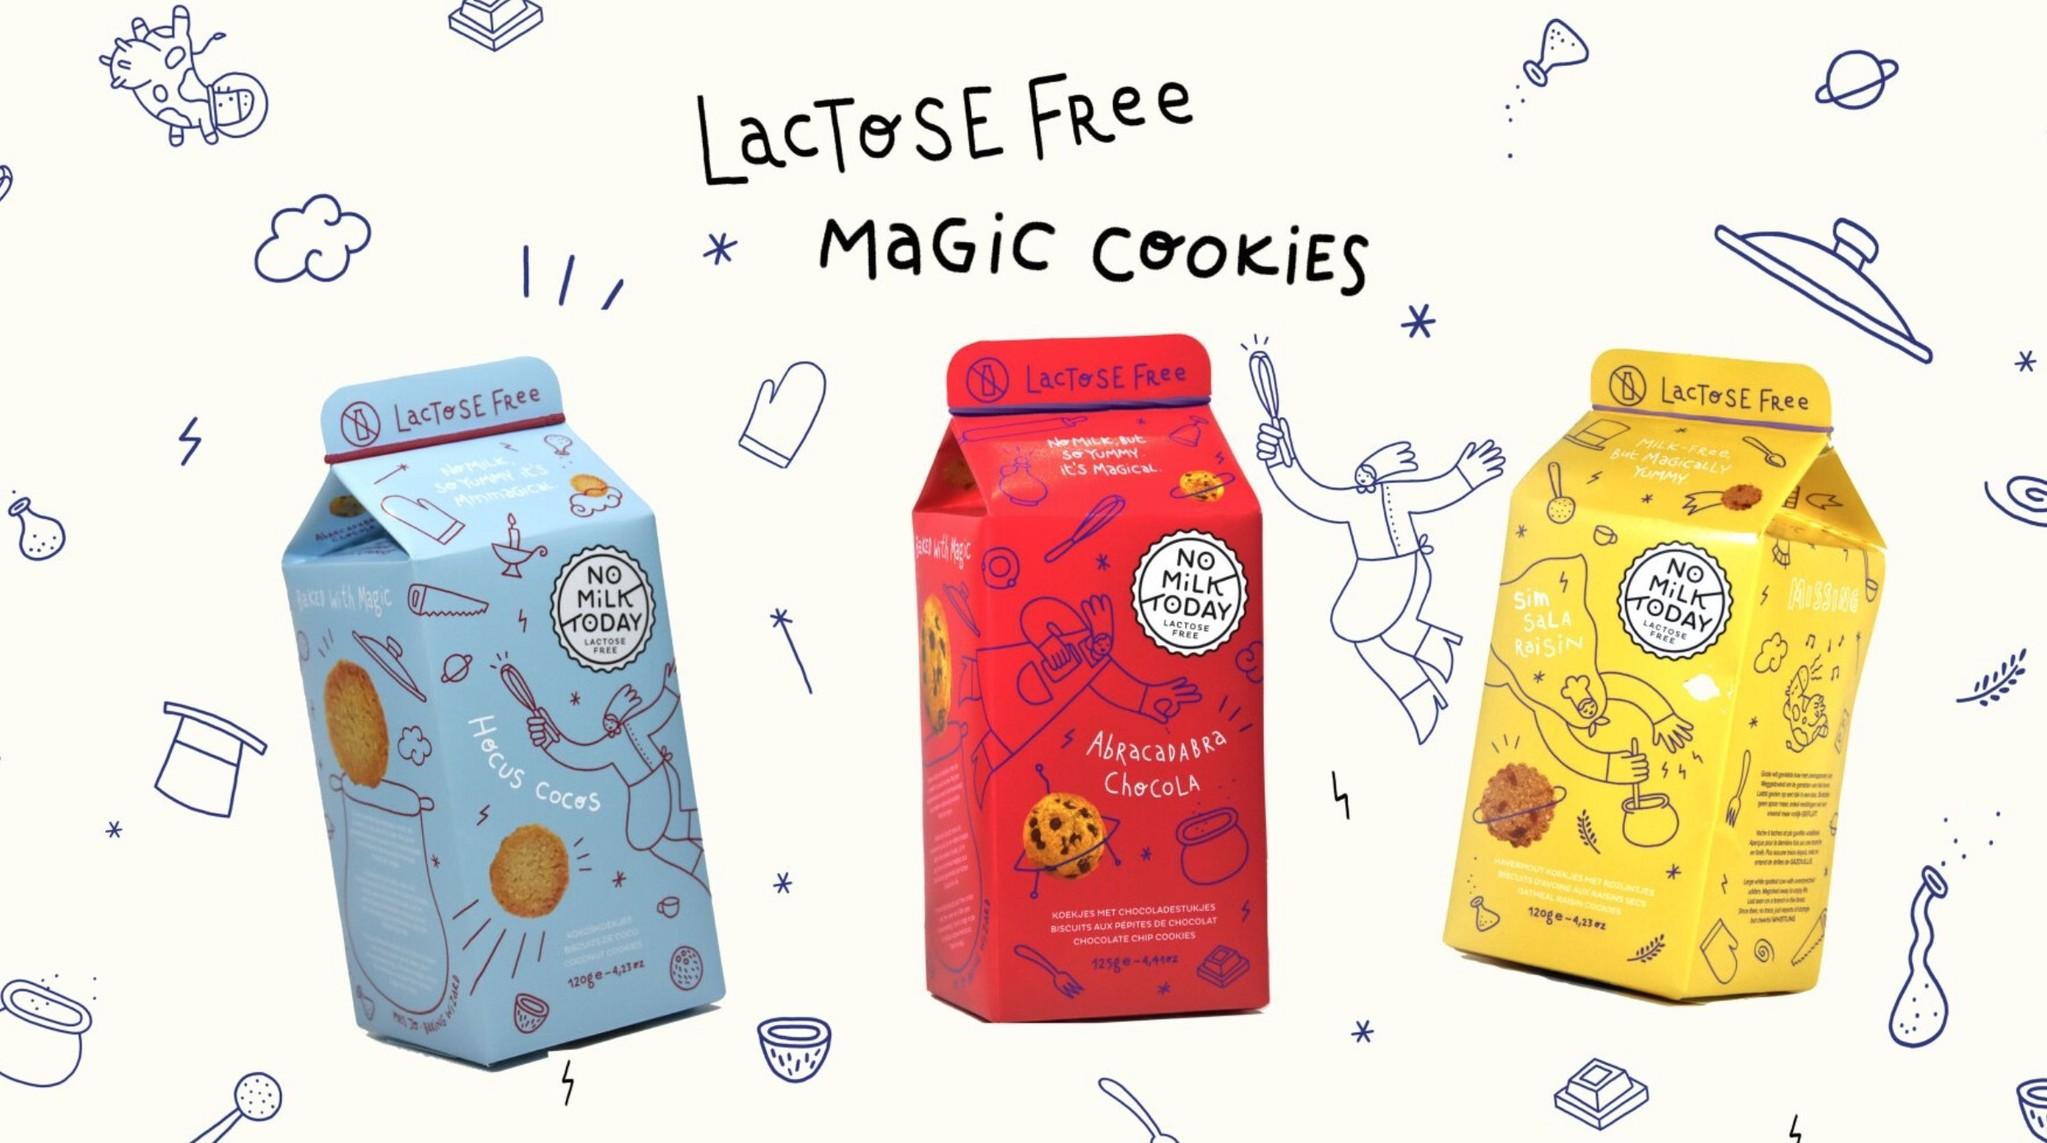 no-milk-today-lactosevrij